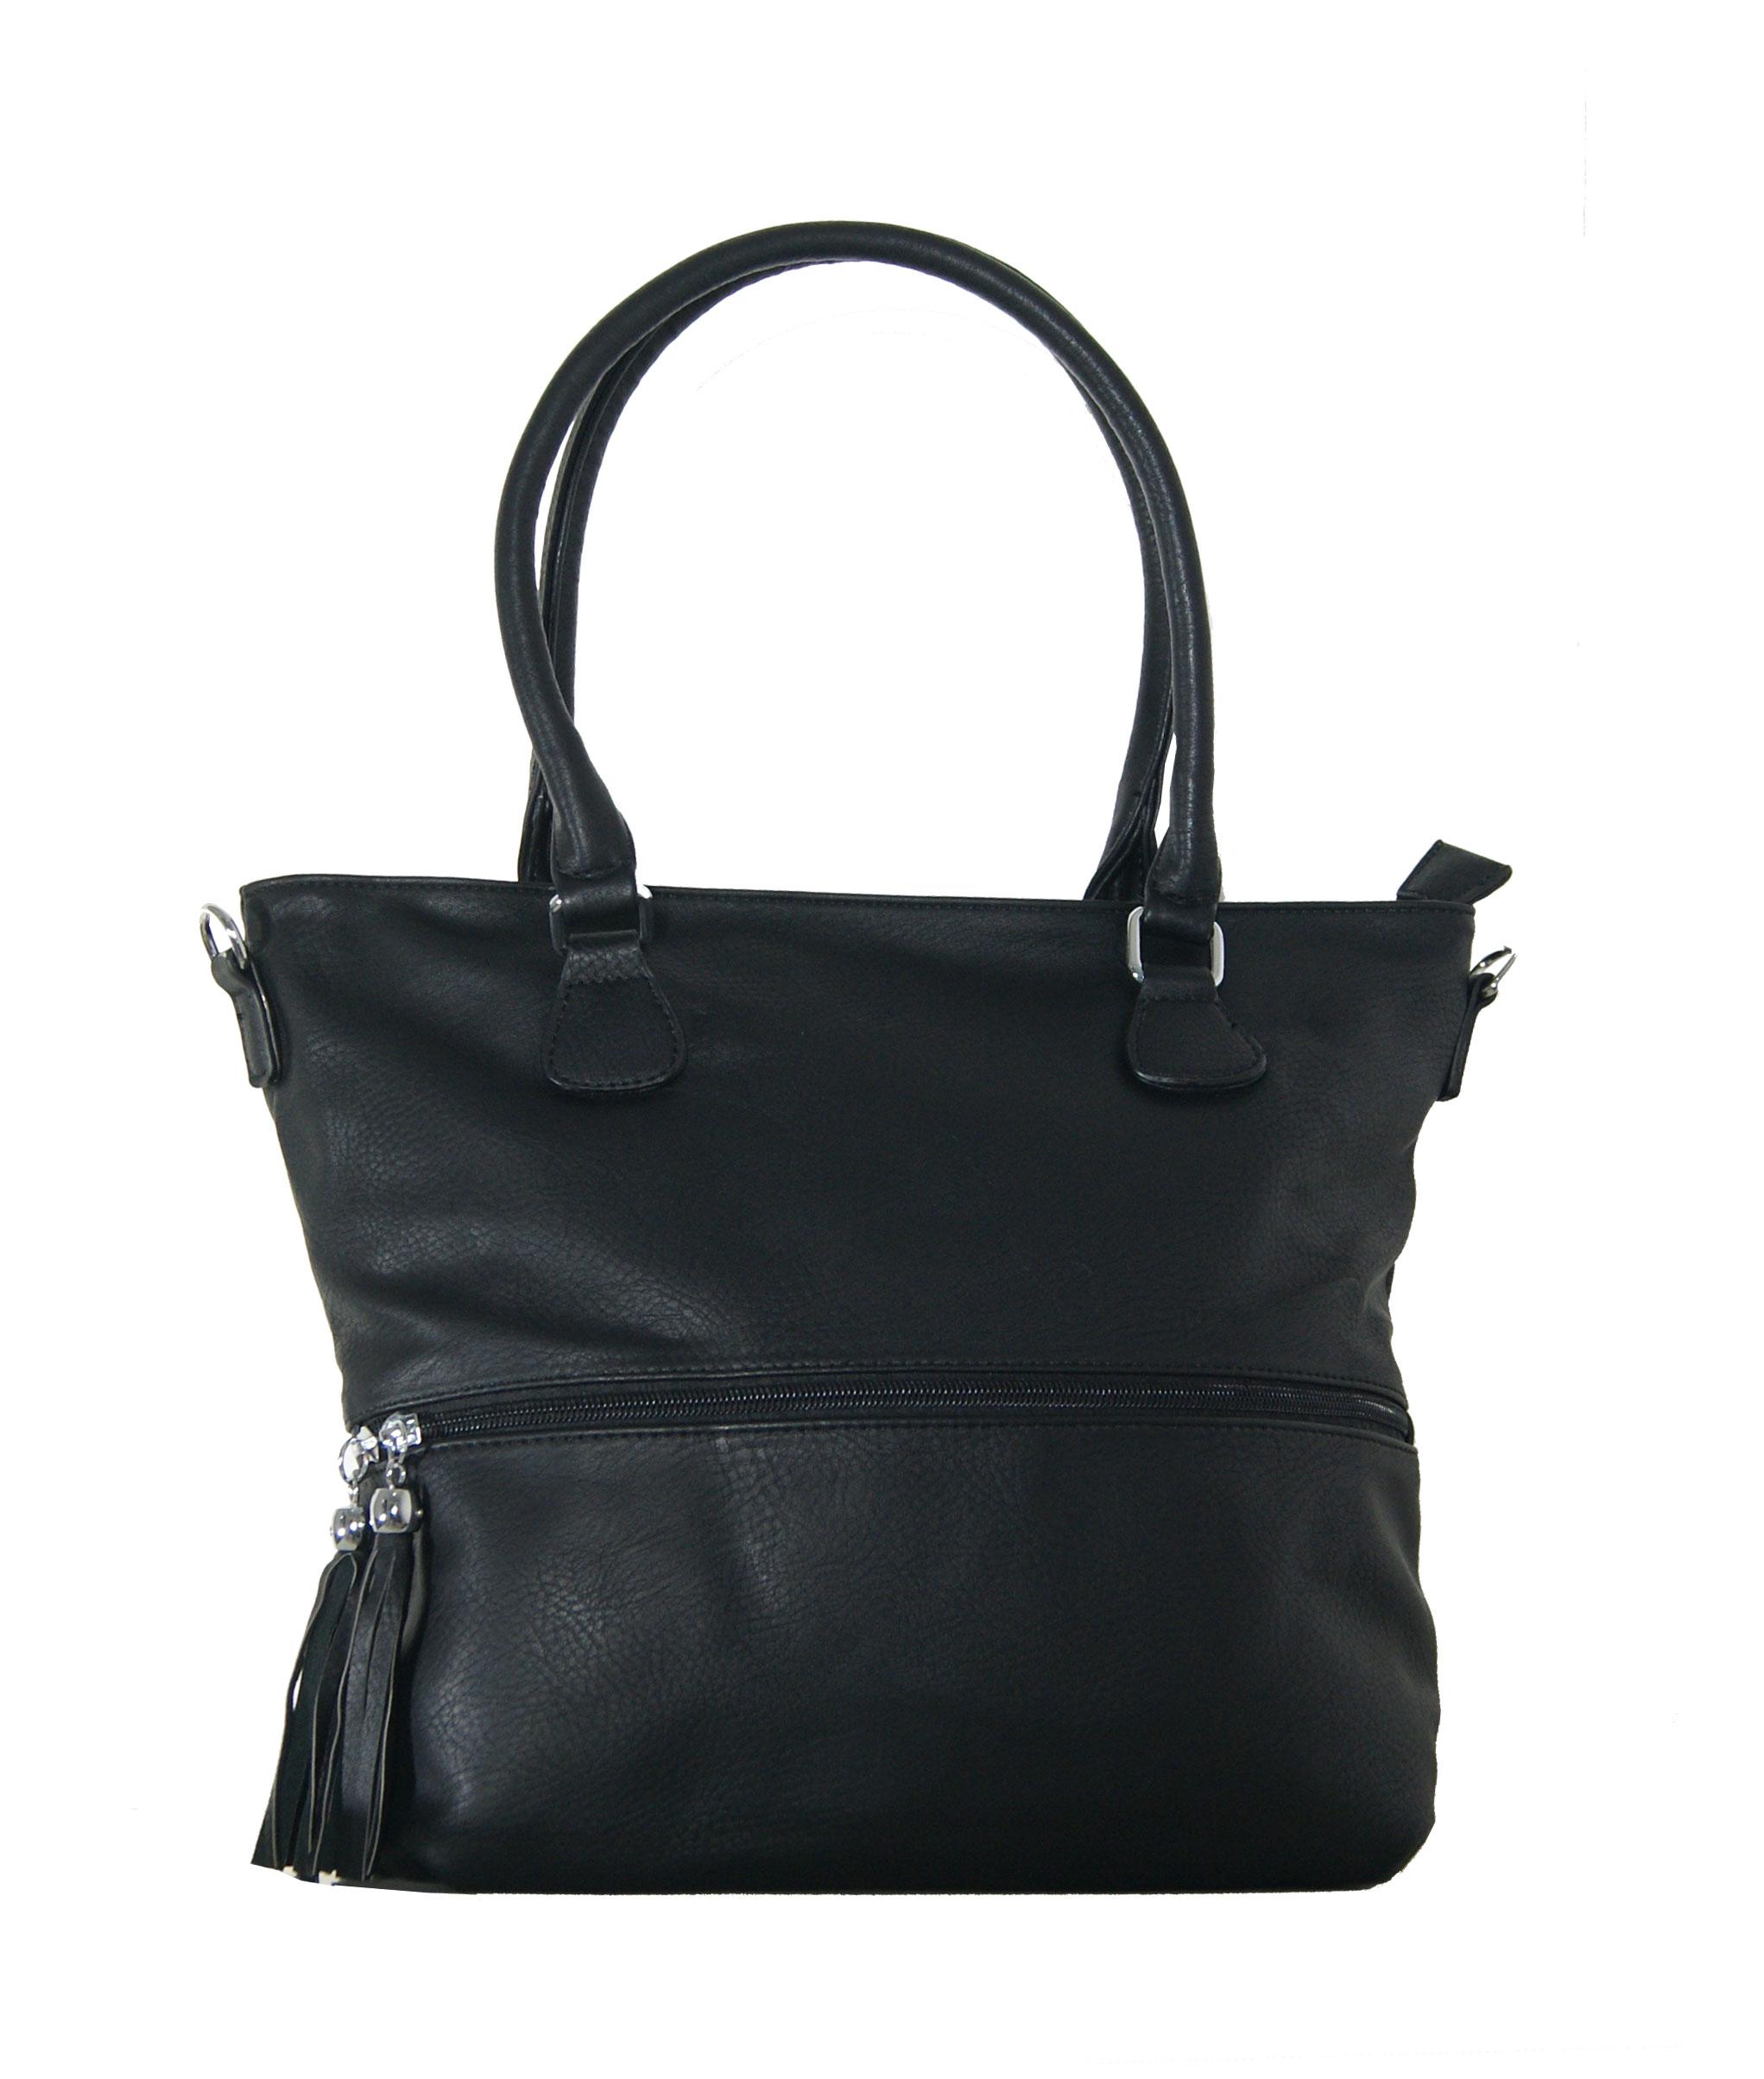 68f27bc7d79 Τσάντα χειρός και ώμου Νο 10 - Μαύρη (BN κωδ.: 17140)